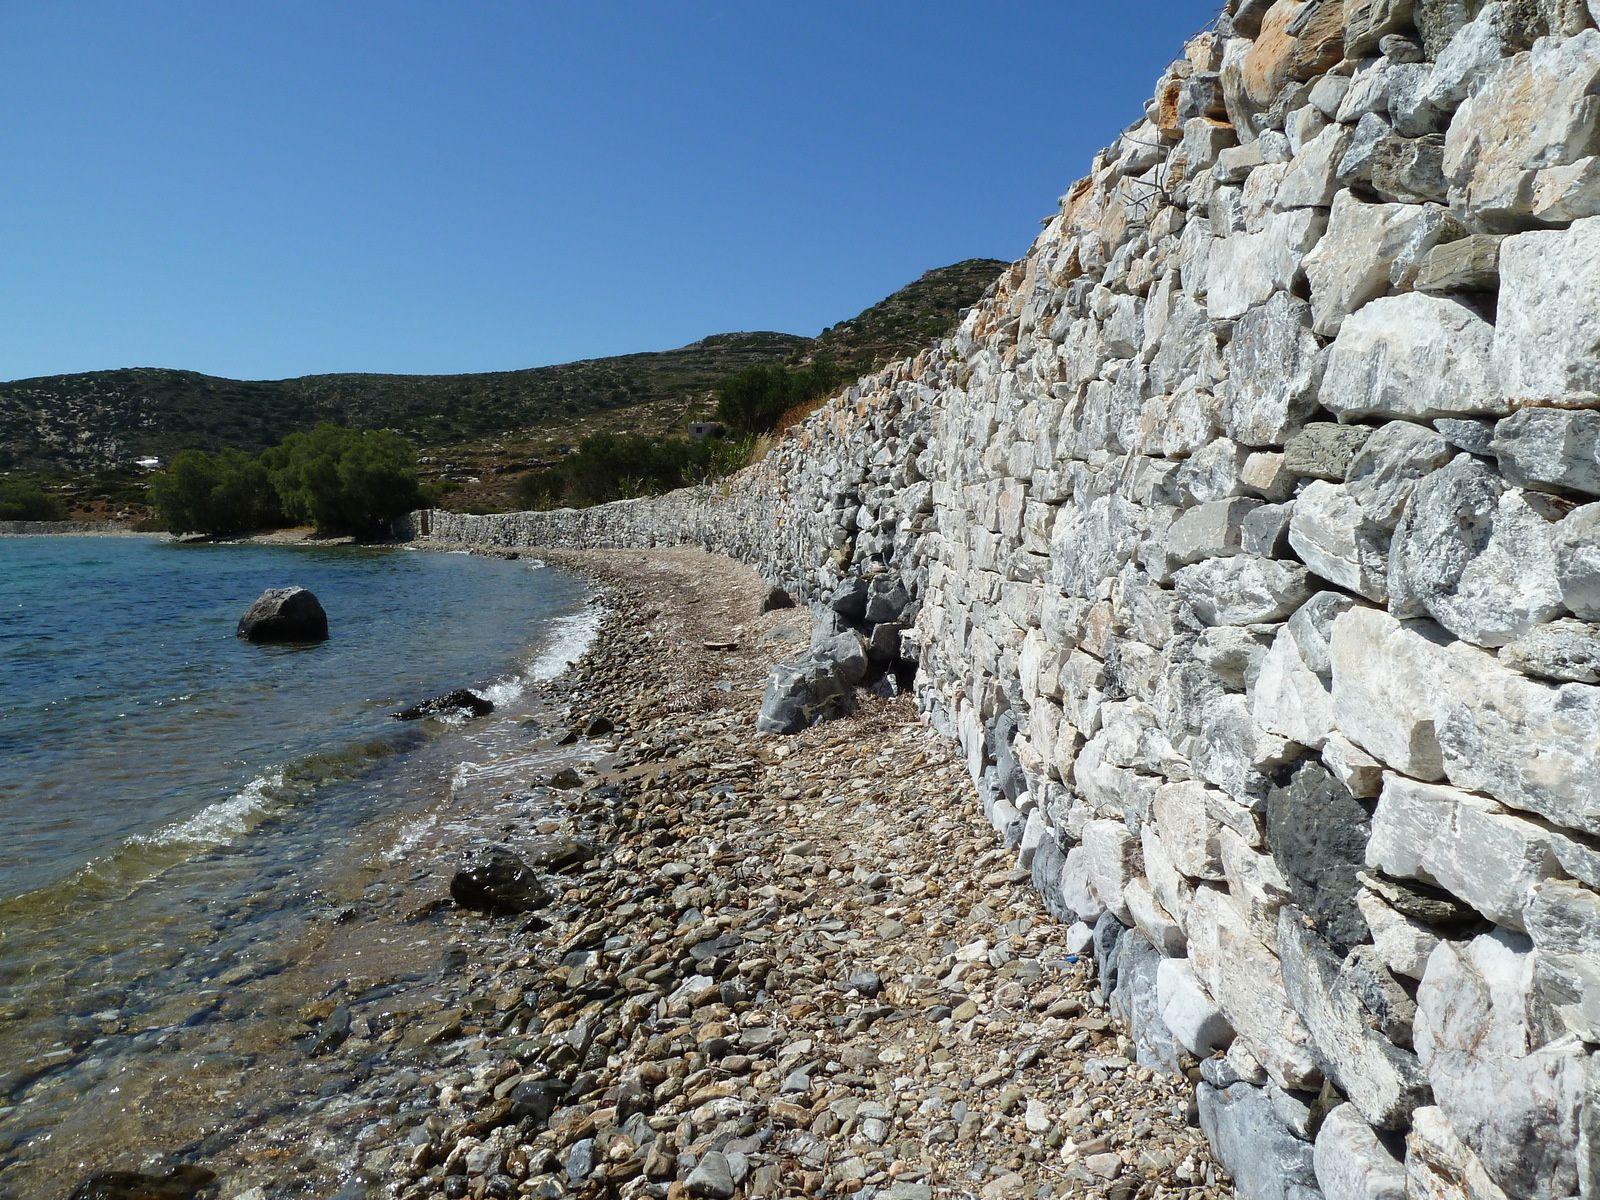 Retour par un chemin caillouteux le long de la mer. Sur l'eau, une statue d'une baigneuse de marbre blanc est posée sur un rocher.